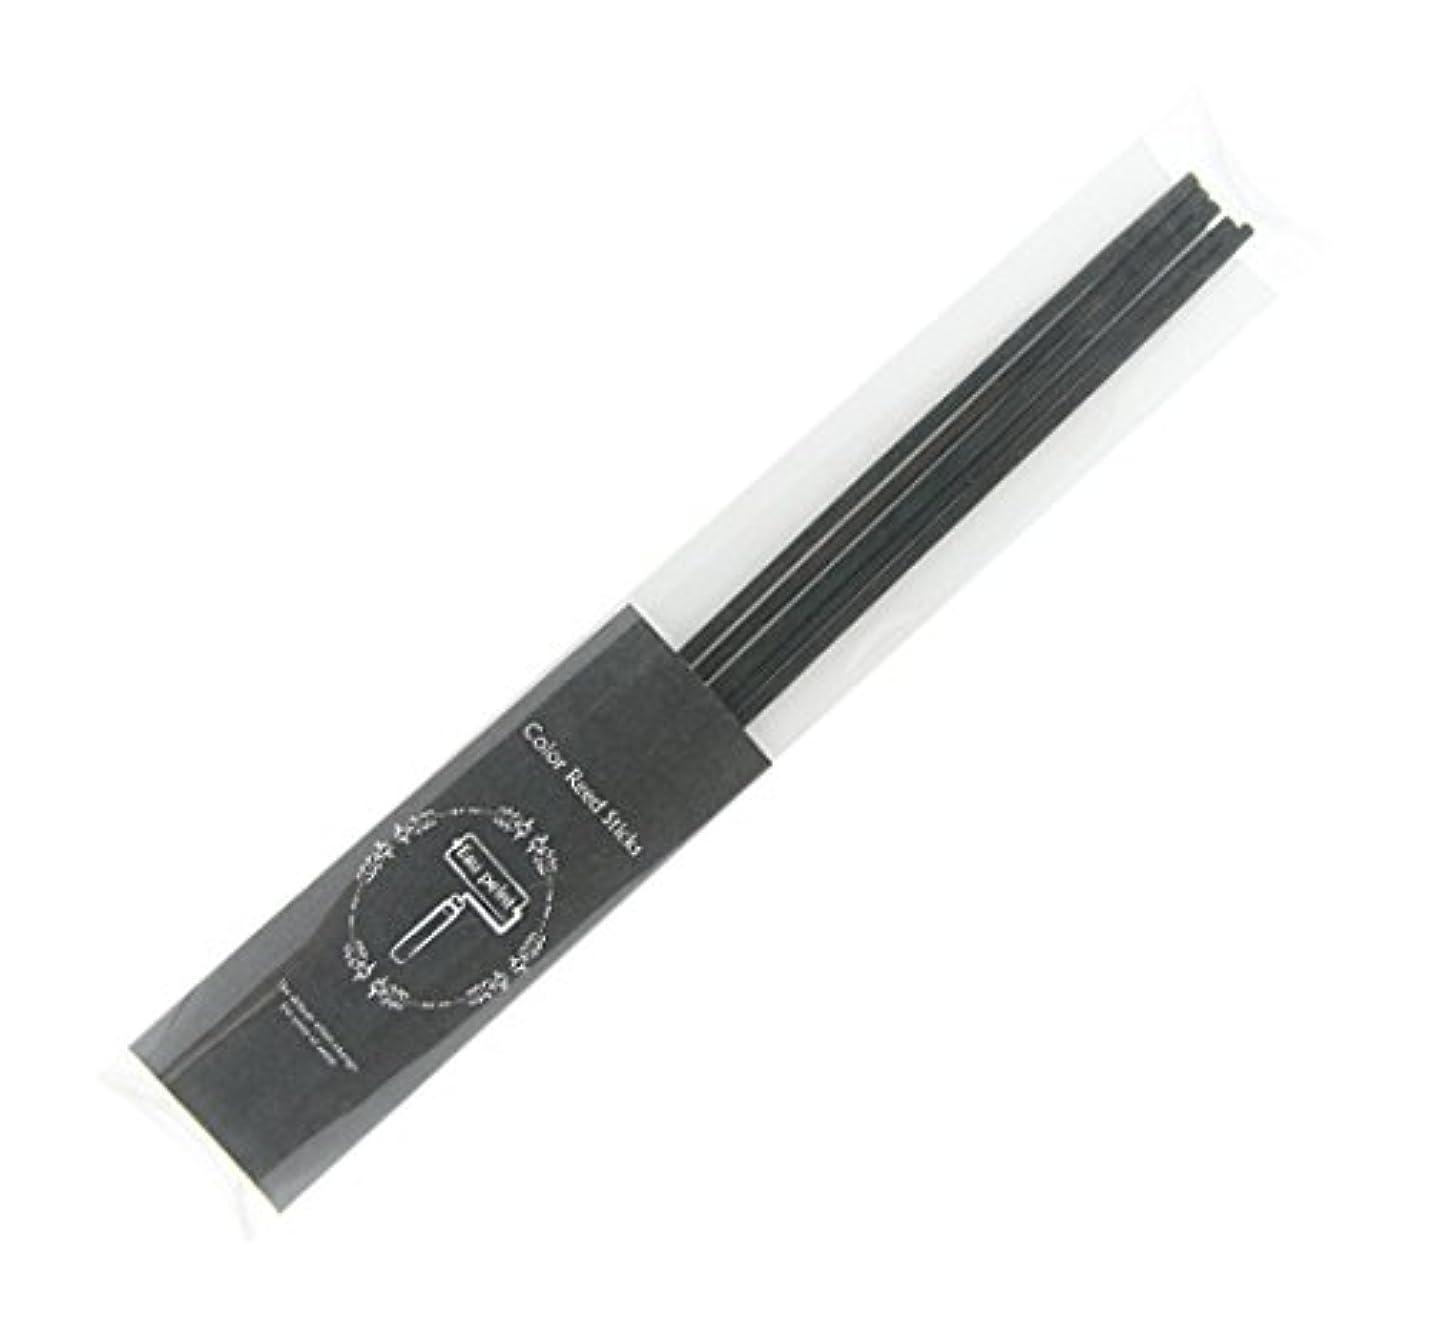 レクリエーション満足雑品Eau peint mais+ カラースティック リードディフューザー用スティック 5本入 ブラック Black オーペイント マイス